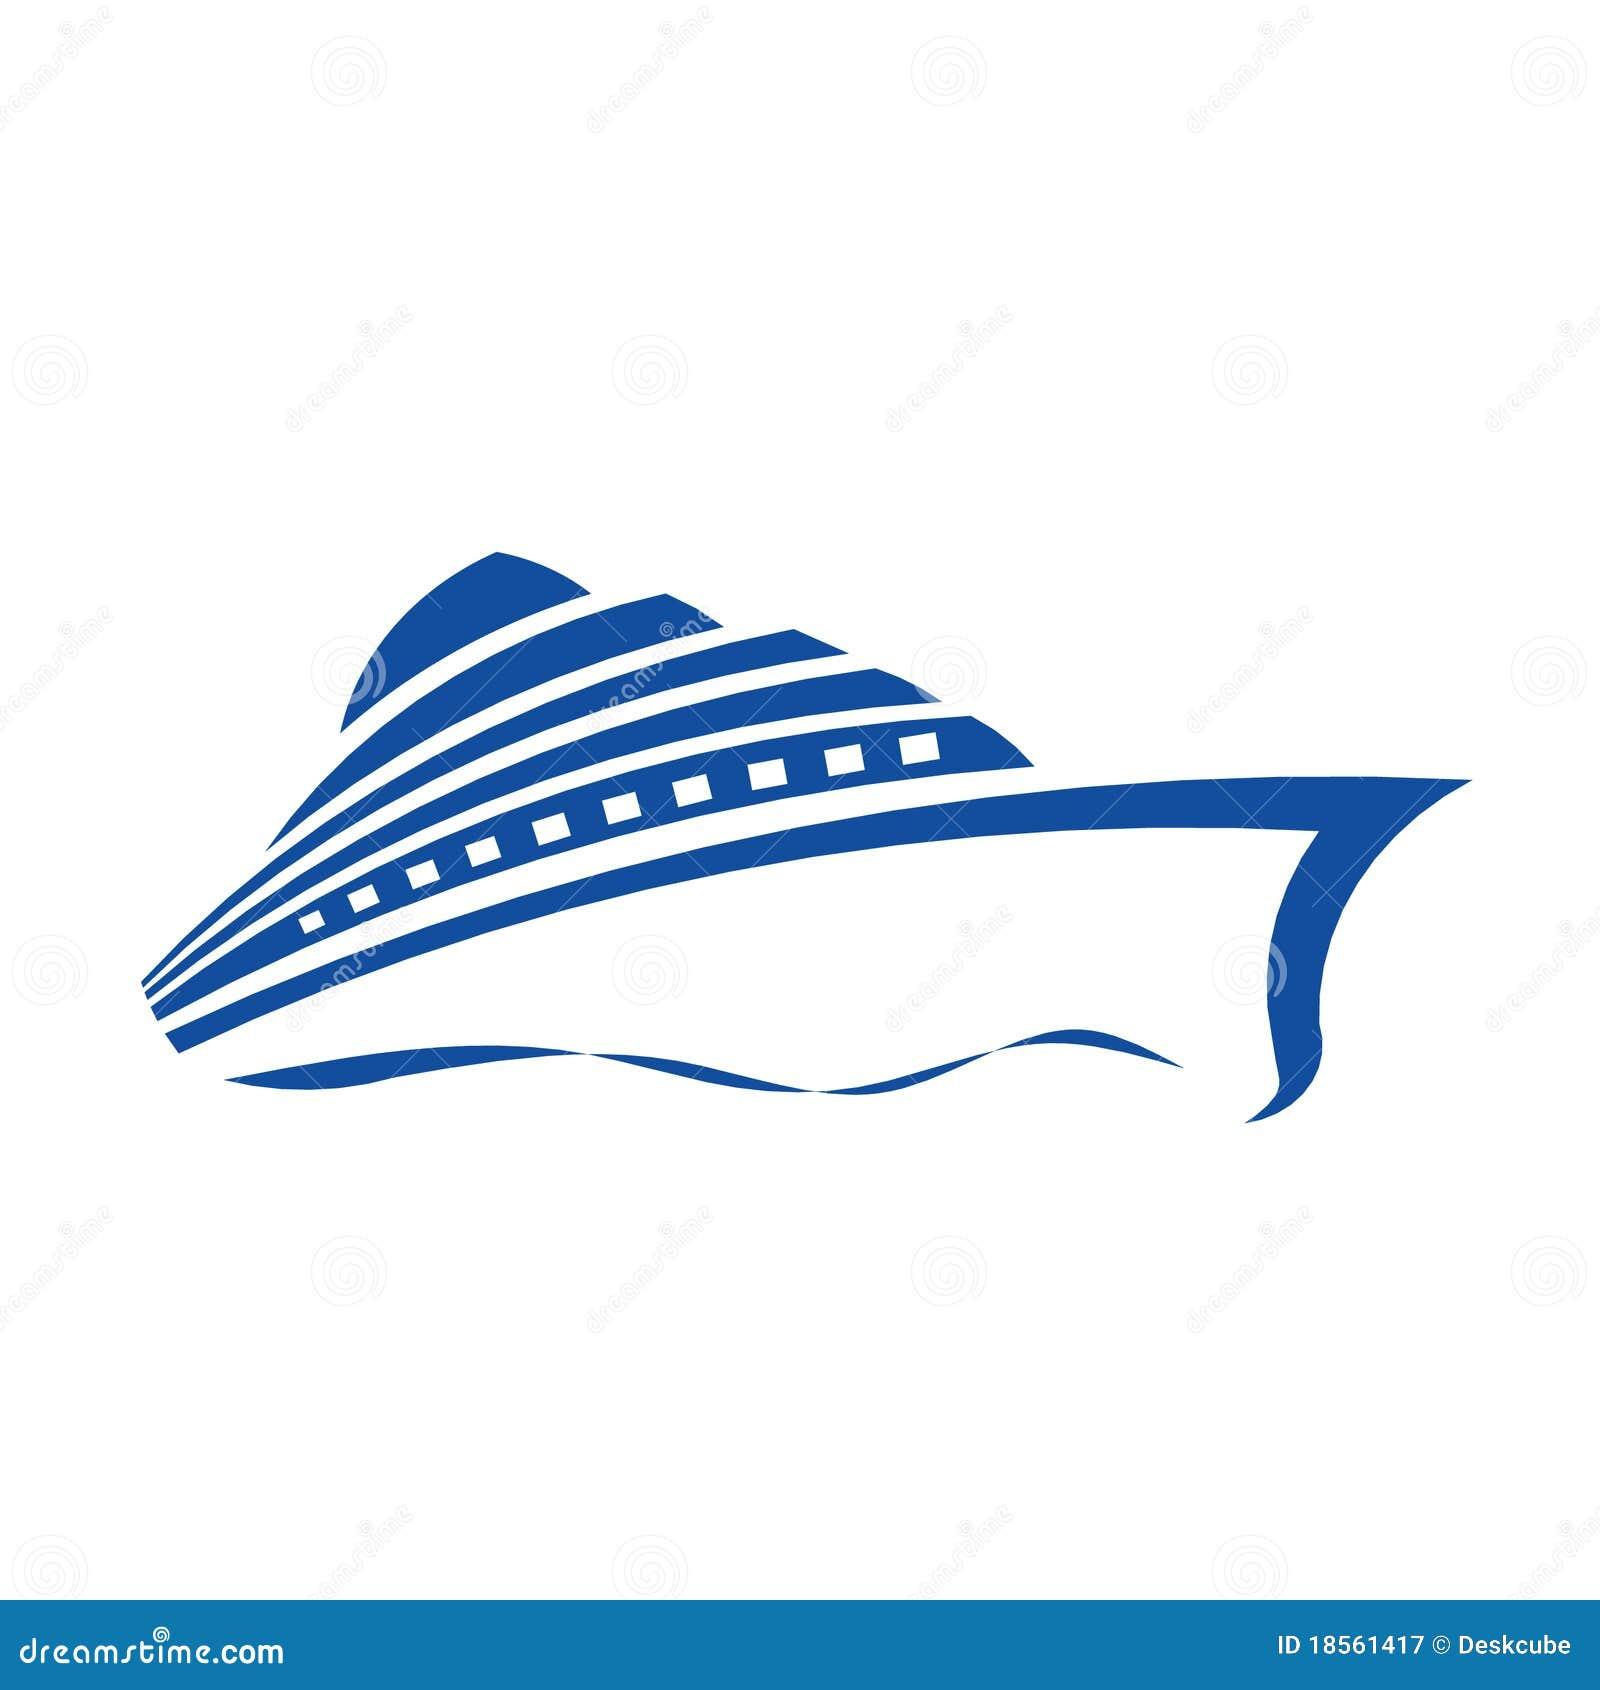 Cruise Ship Logo Royalty Free Stock Photography Image